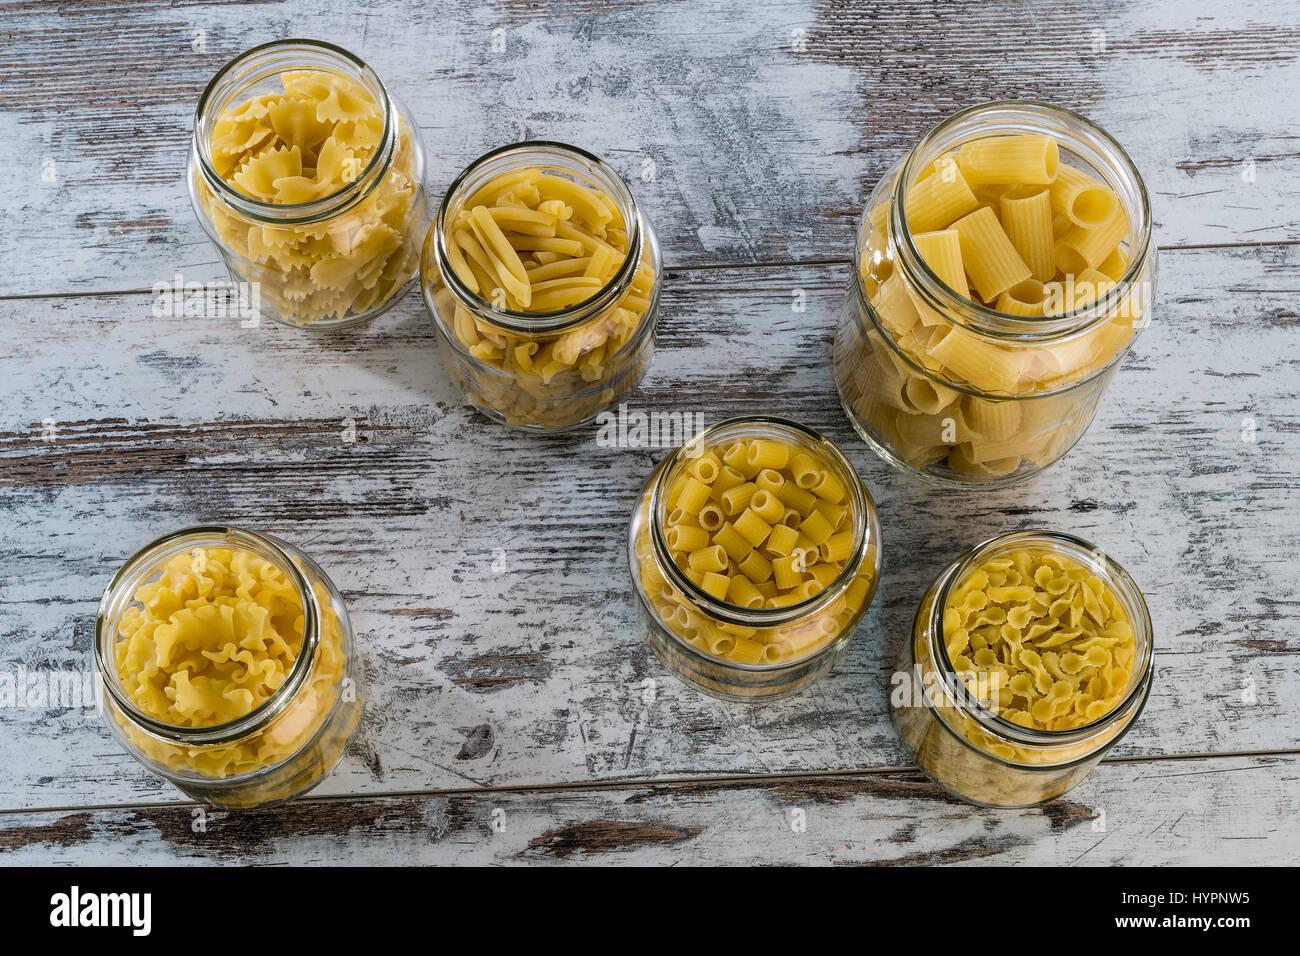 Les pâtes sèches court Angle dans des bocaux en verre Photo Stock